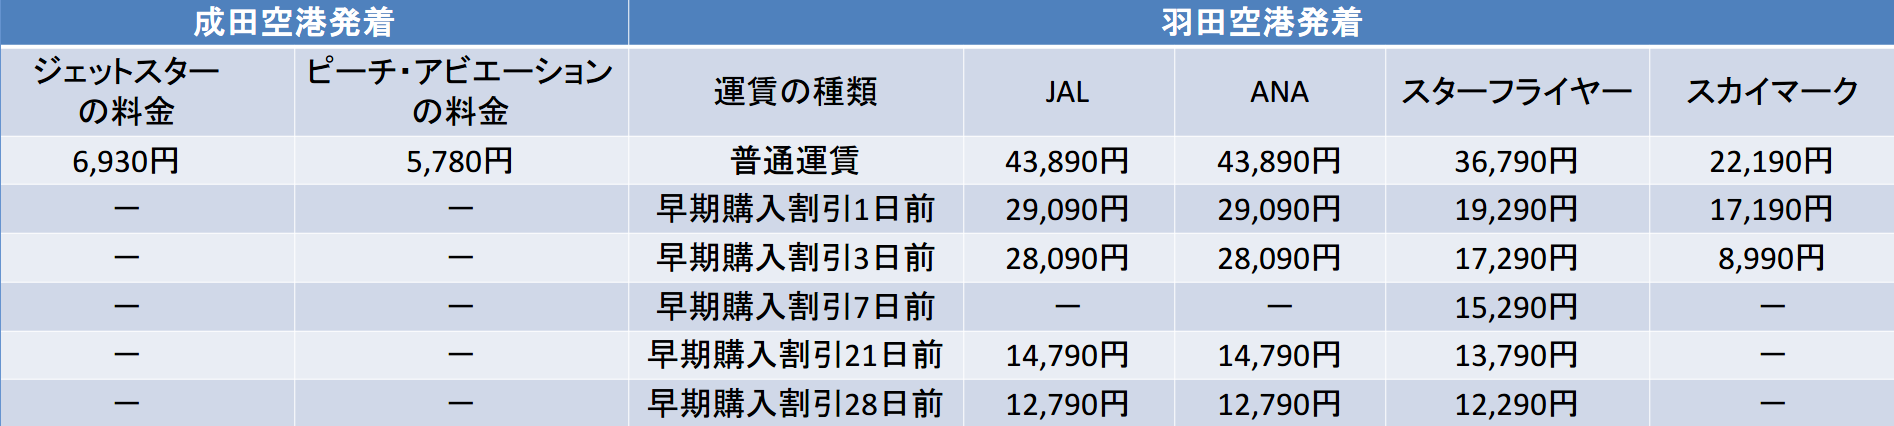 成田,羽田発着便の料金表